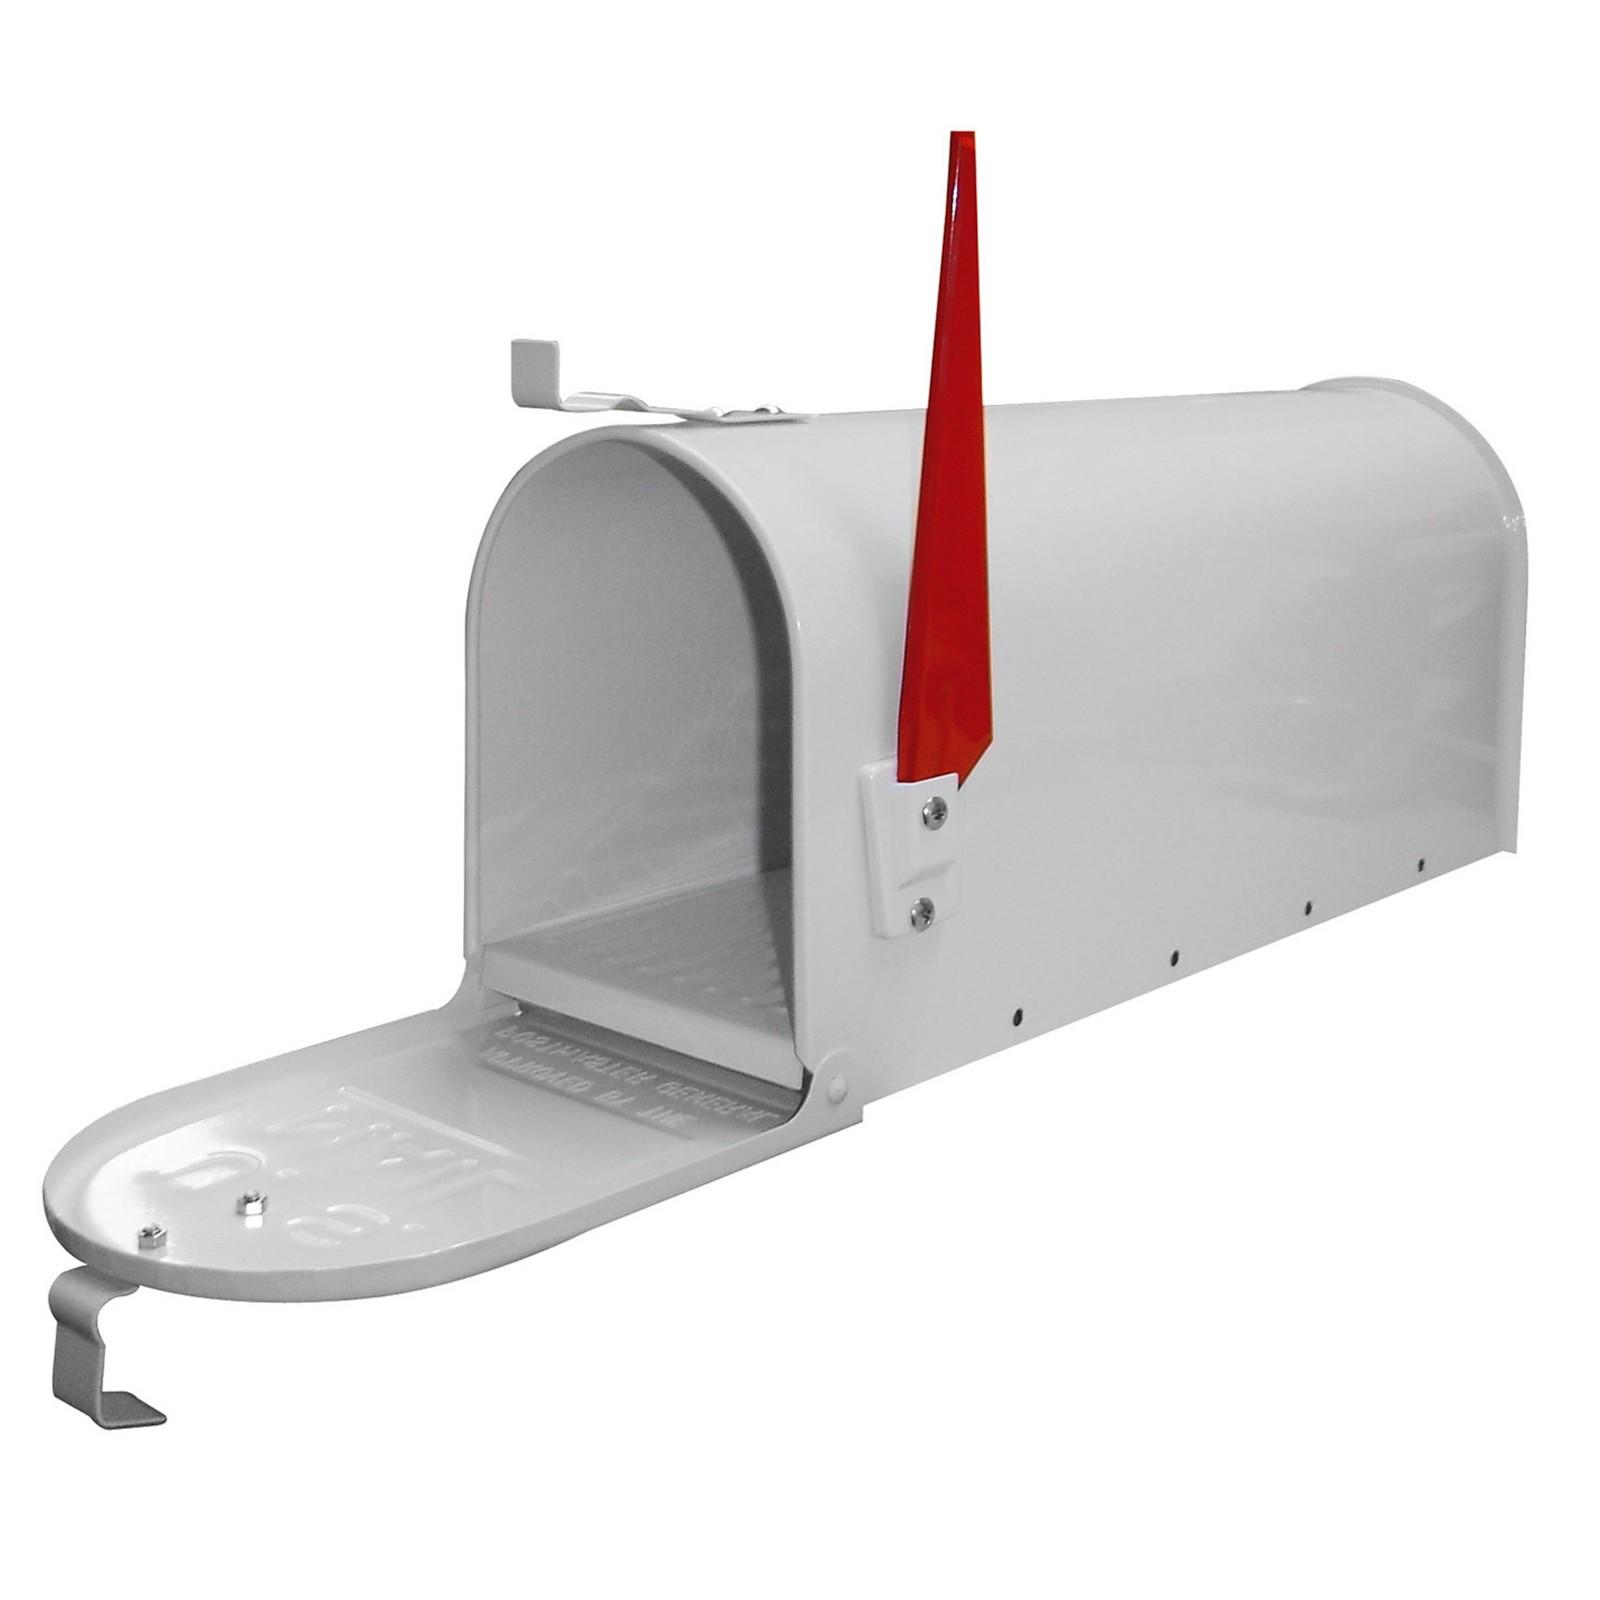 Dema Amerikanischer Briefkasten / Standbriefkasten - Modell nach Wahl var-Briefkasten